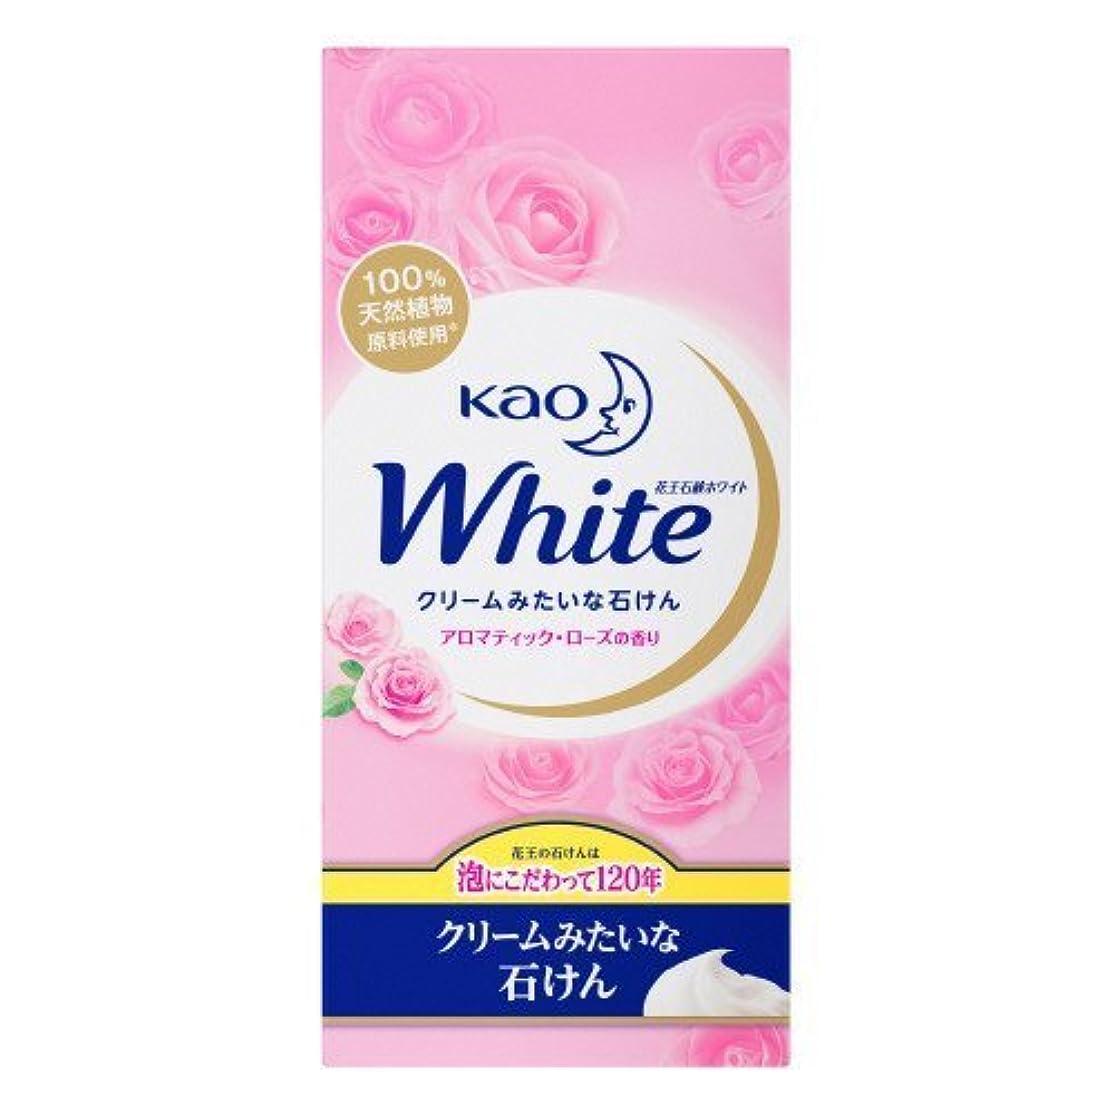 計算する置き場パワー【花王】花王ホワイト アロマティックローズの香りレギュラーサイズ (85g×6個) ×10個セット